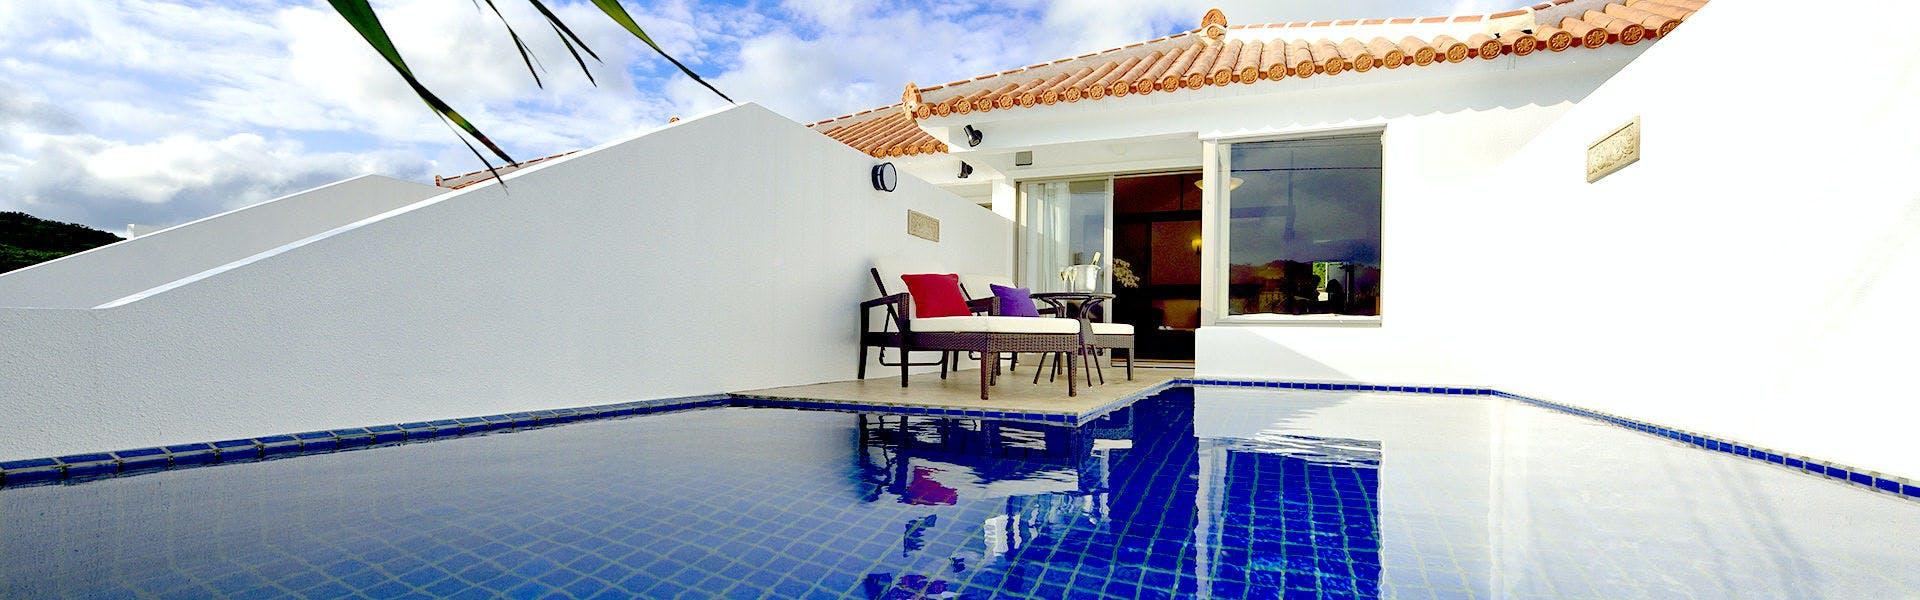 プールテラス イムギャースイート pool terrace IMGYA SUITE